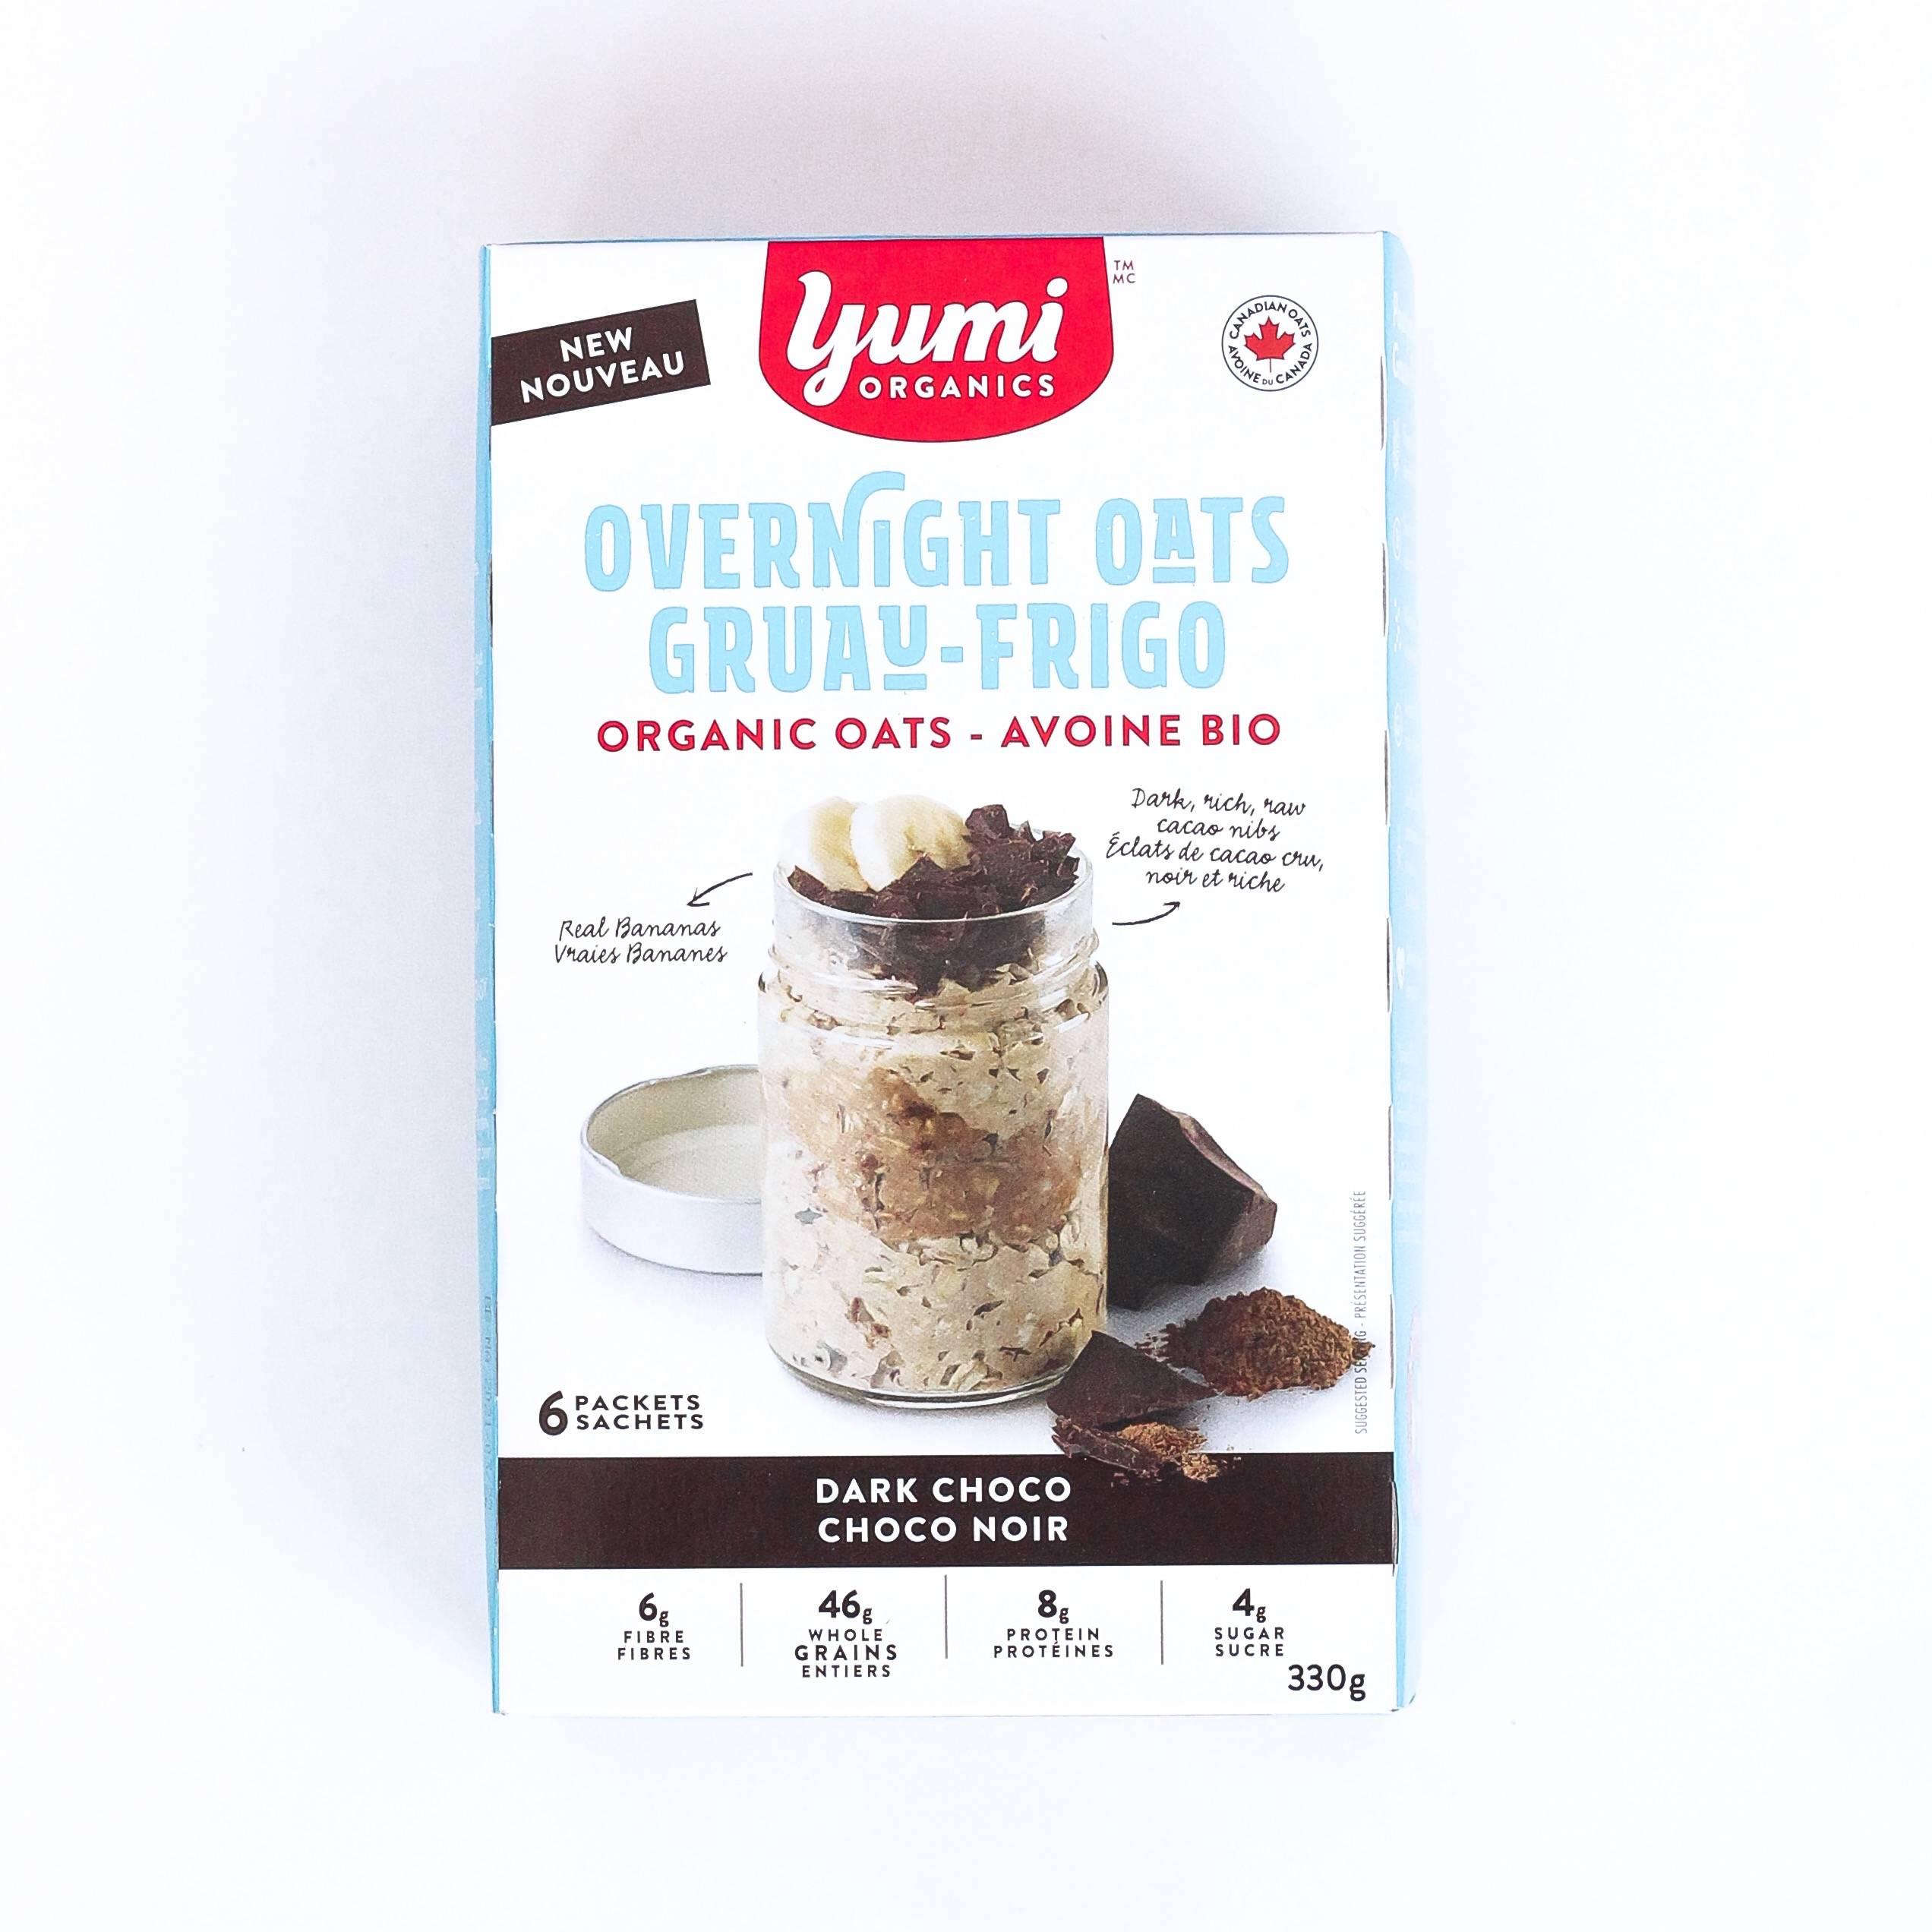 yumi gruau frigo